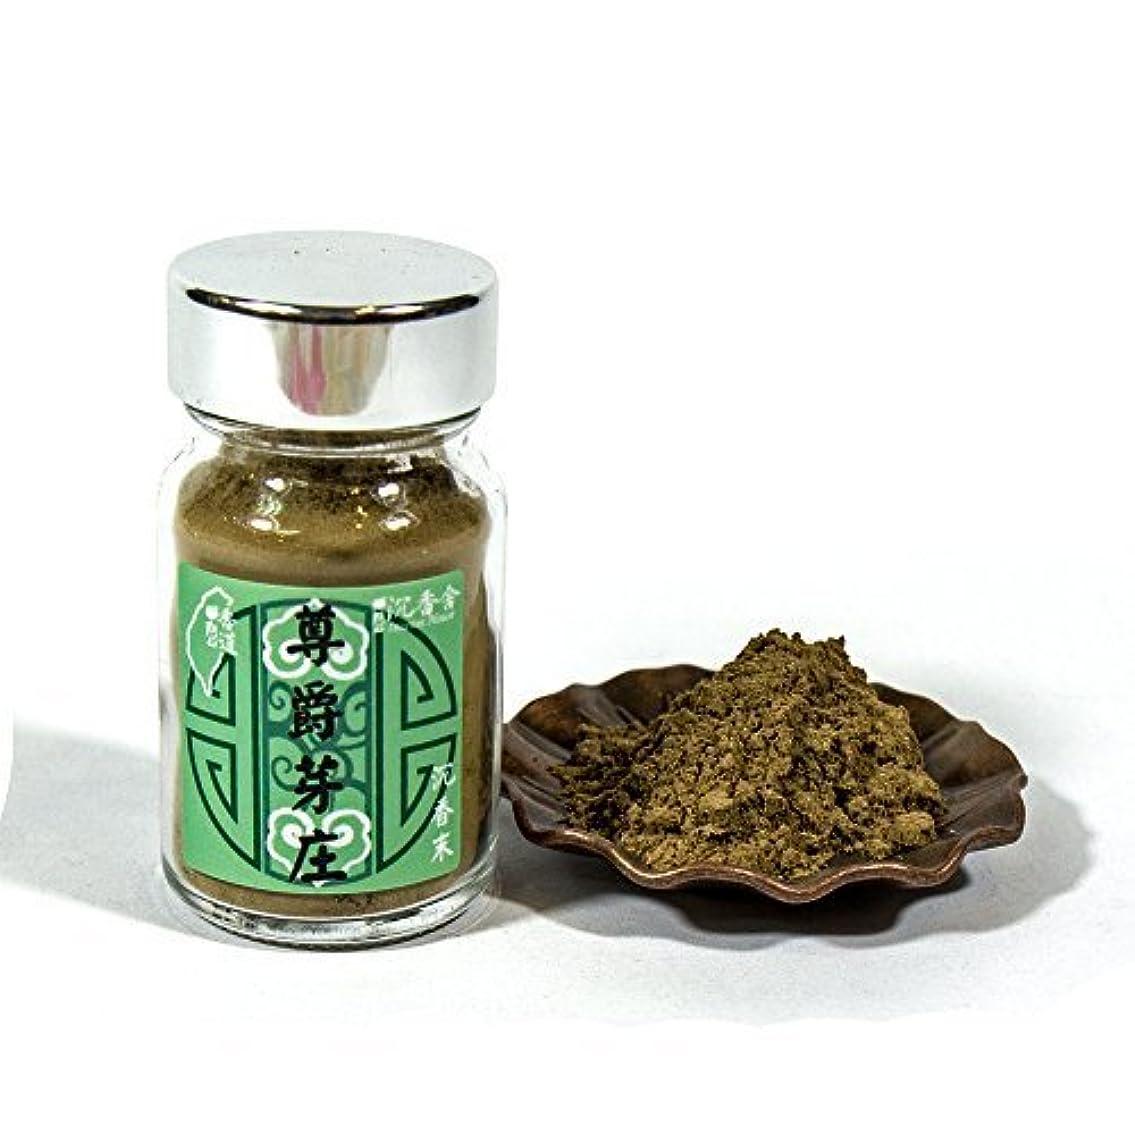 のみ槍あるAgarwood Aloeswood Top Grade Old Stock NhaTrang Chen Xiang Incense Powder 10g by IncenseHouse - Raw Material [...